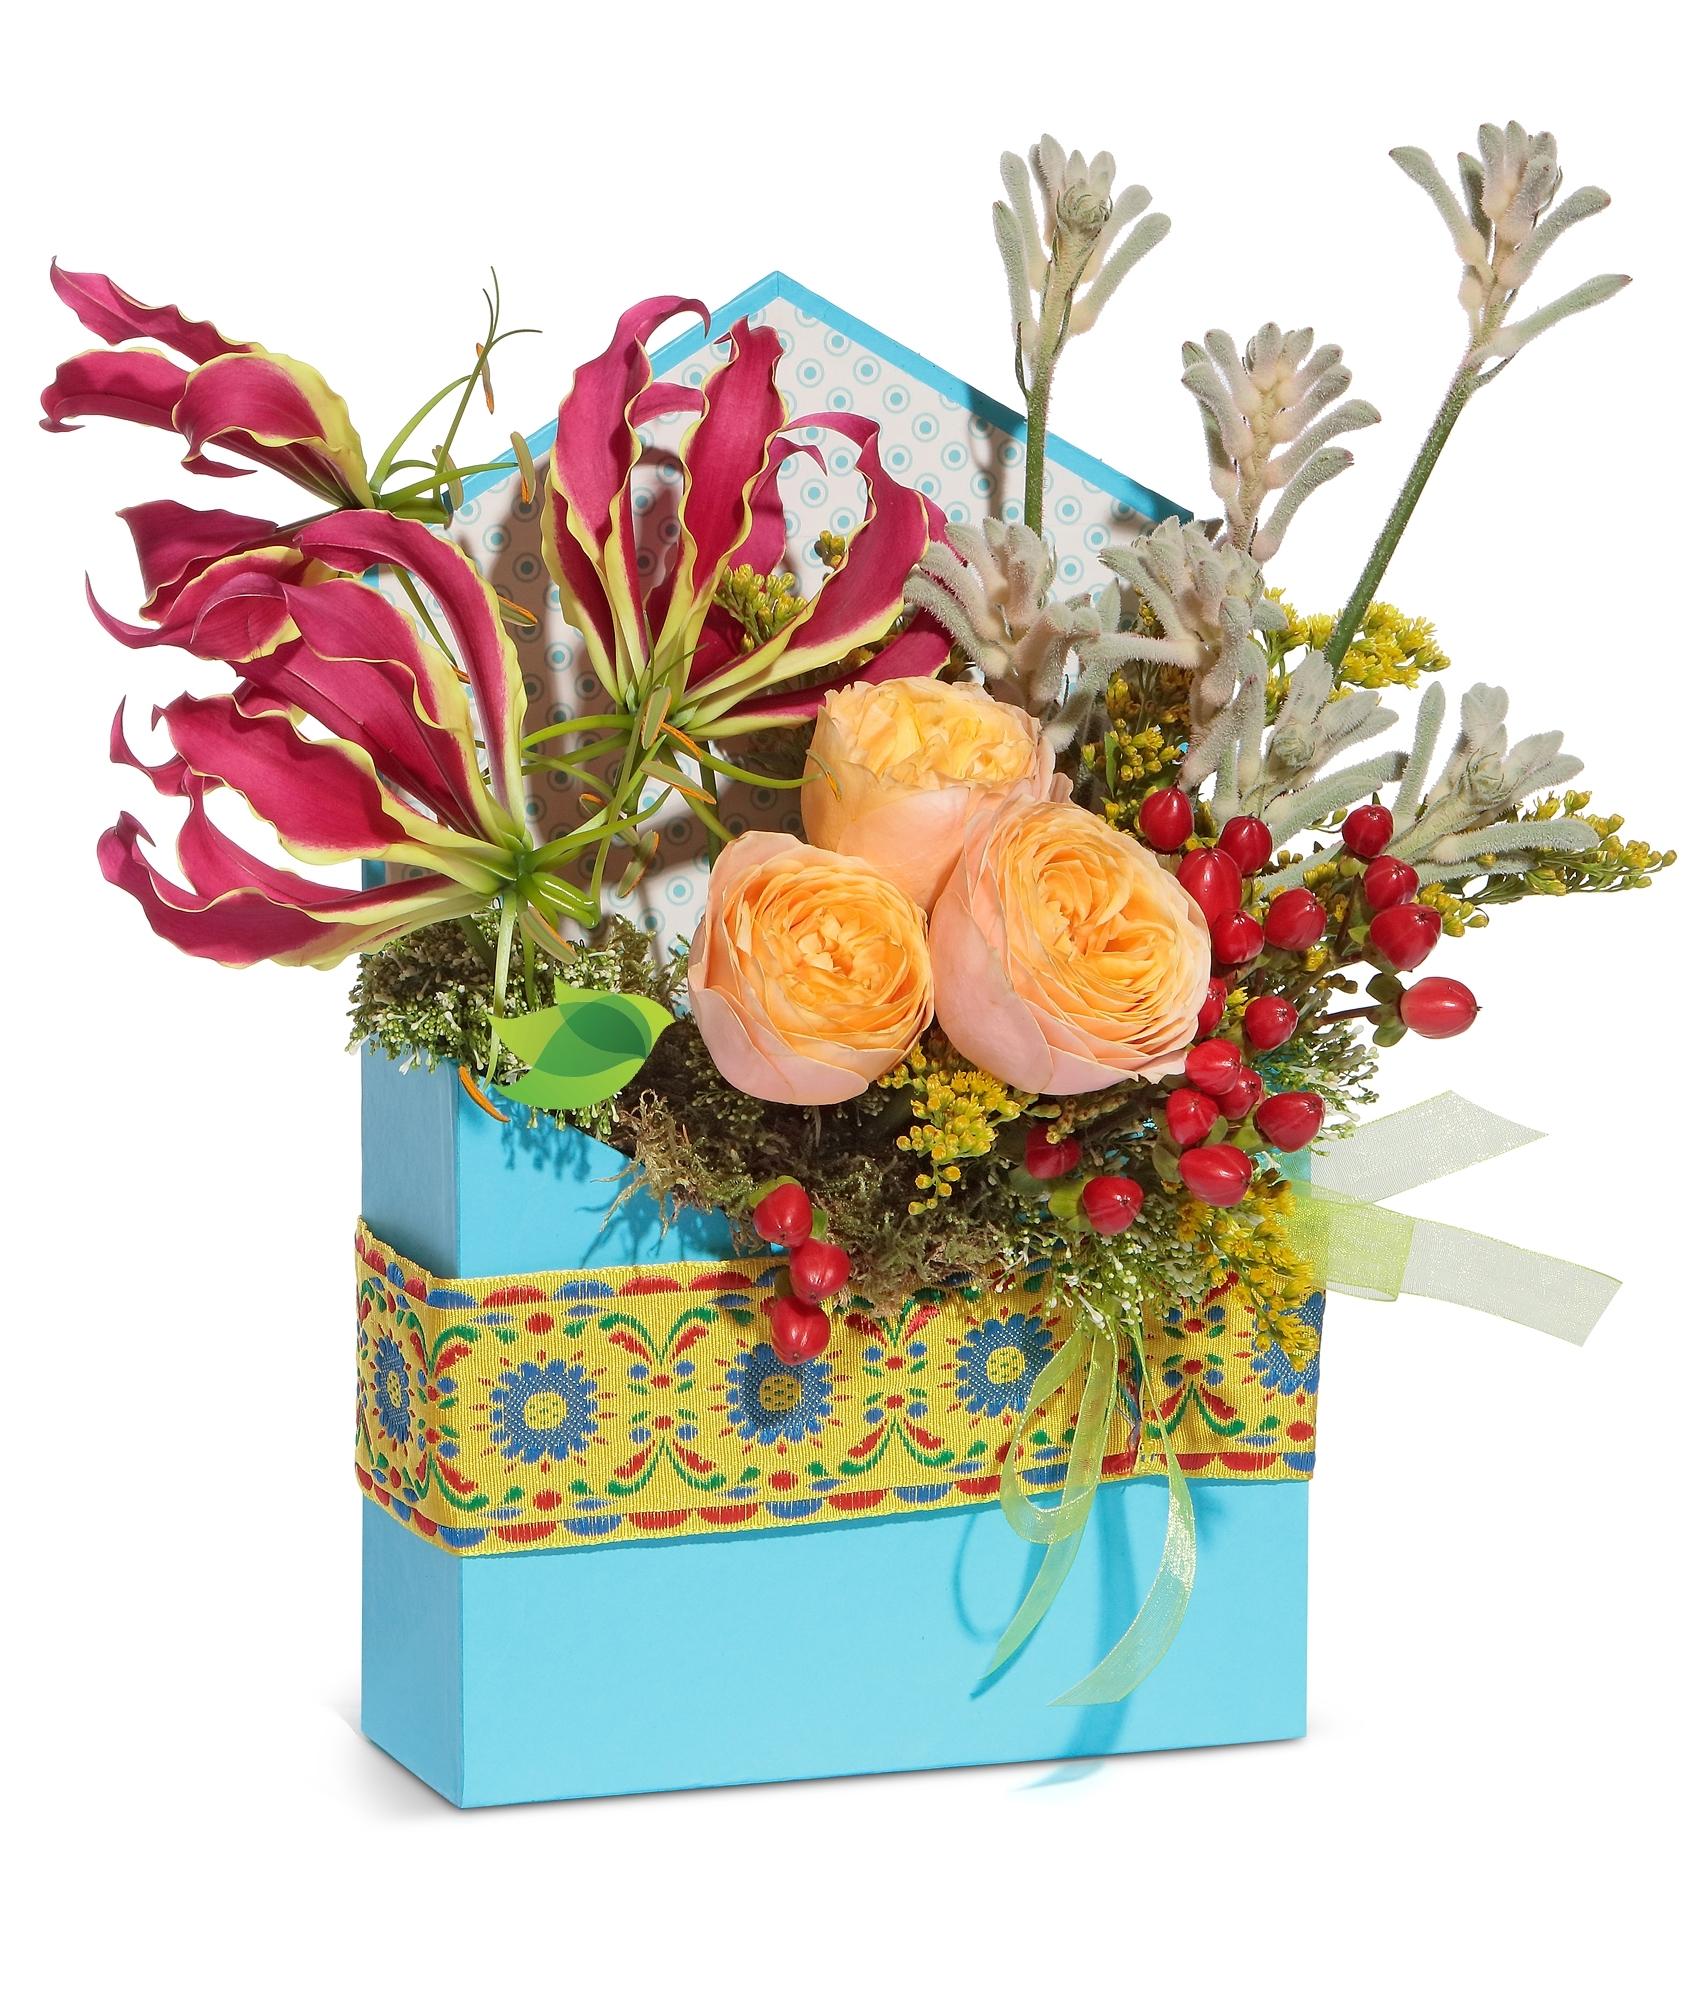 Фото букета: Конверт с розами и глориозой